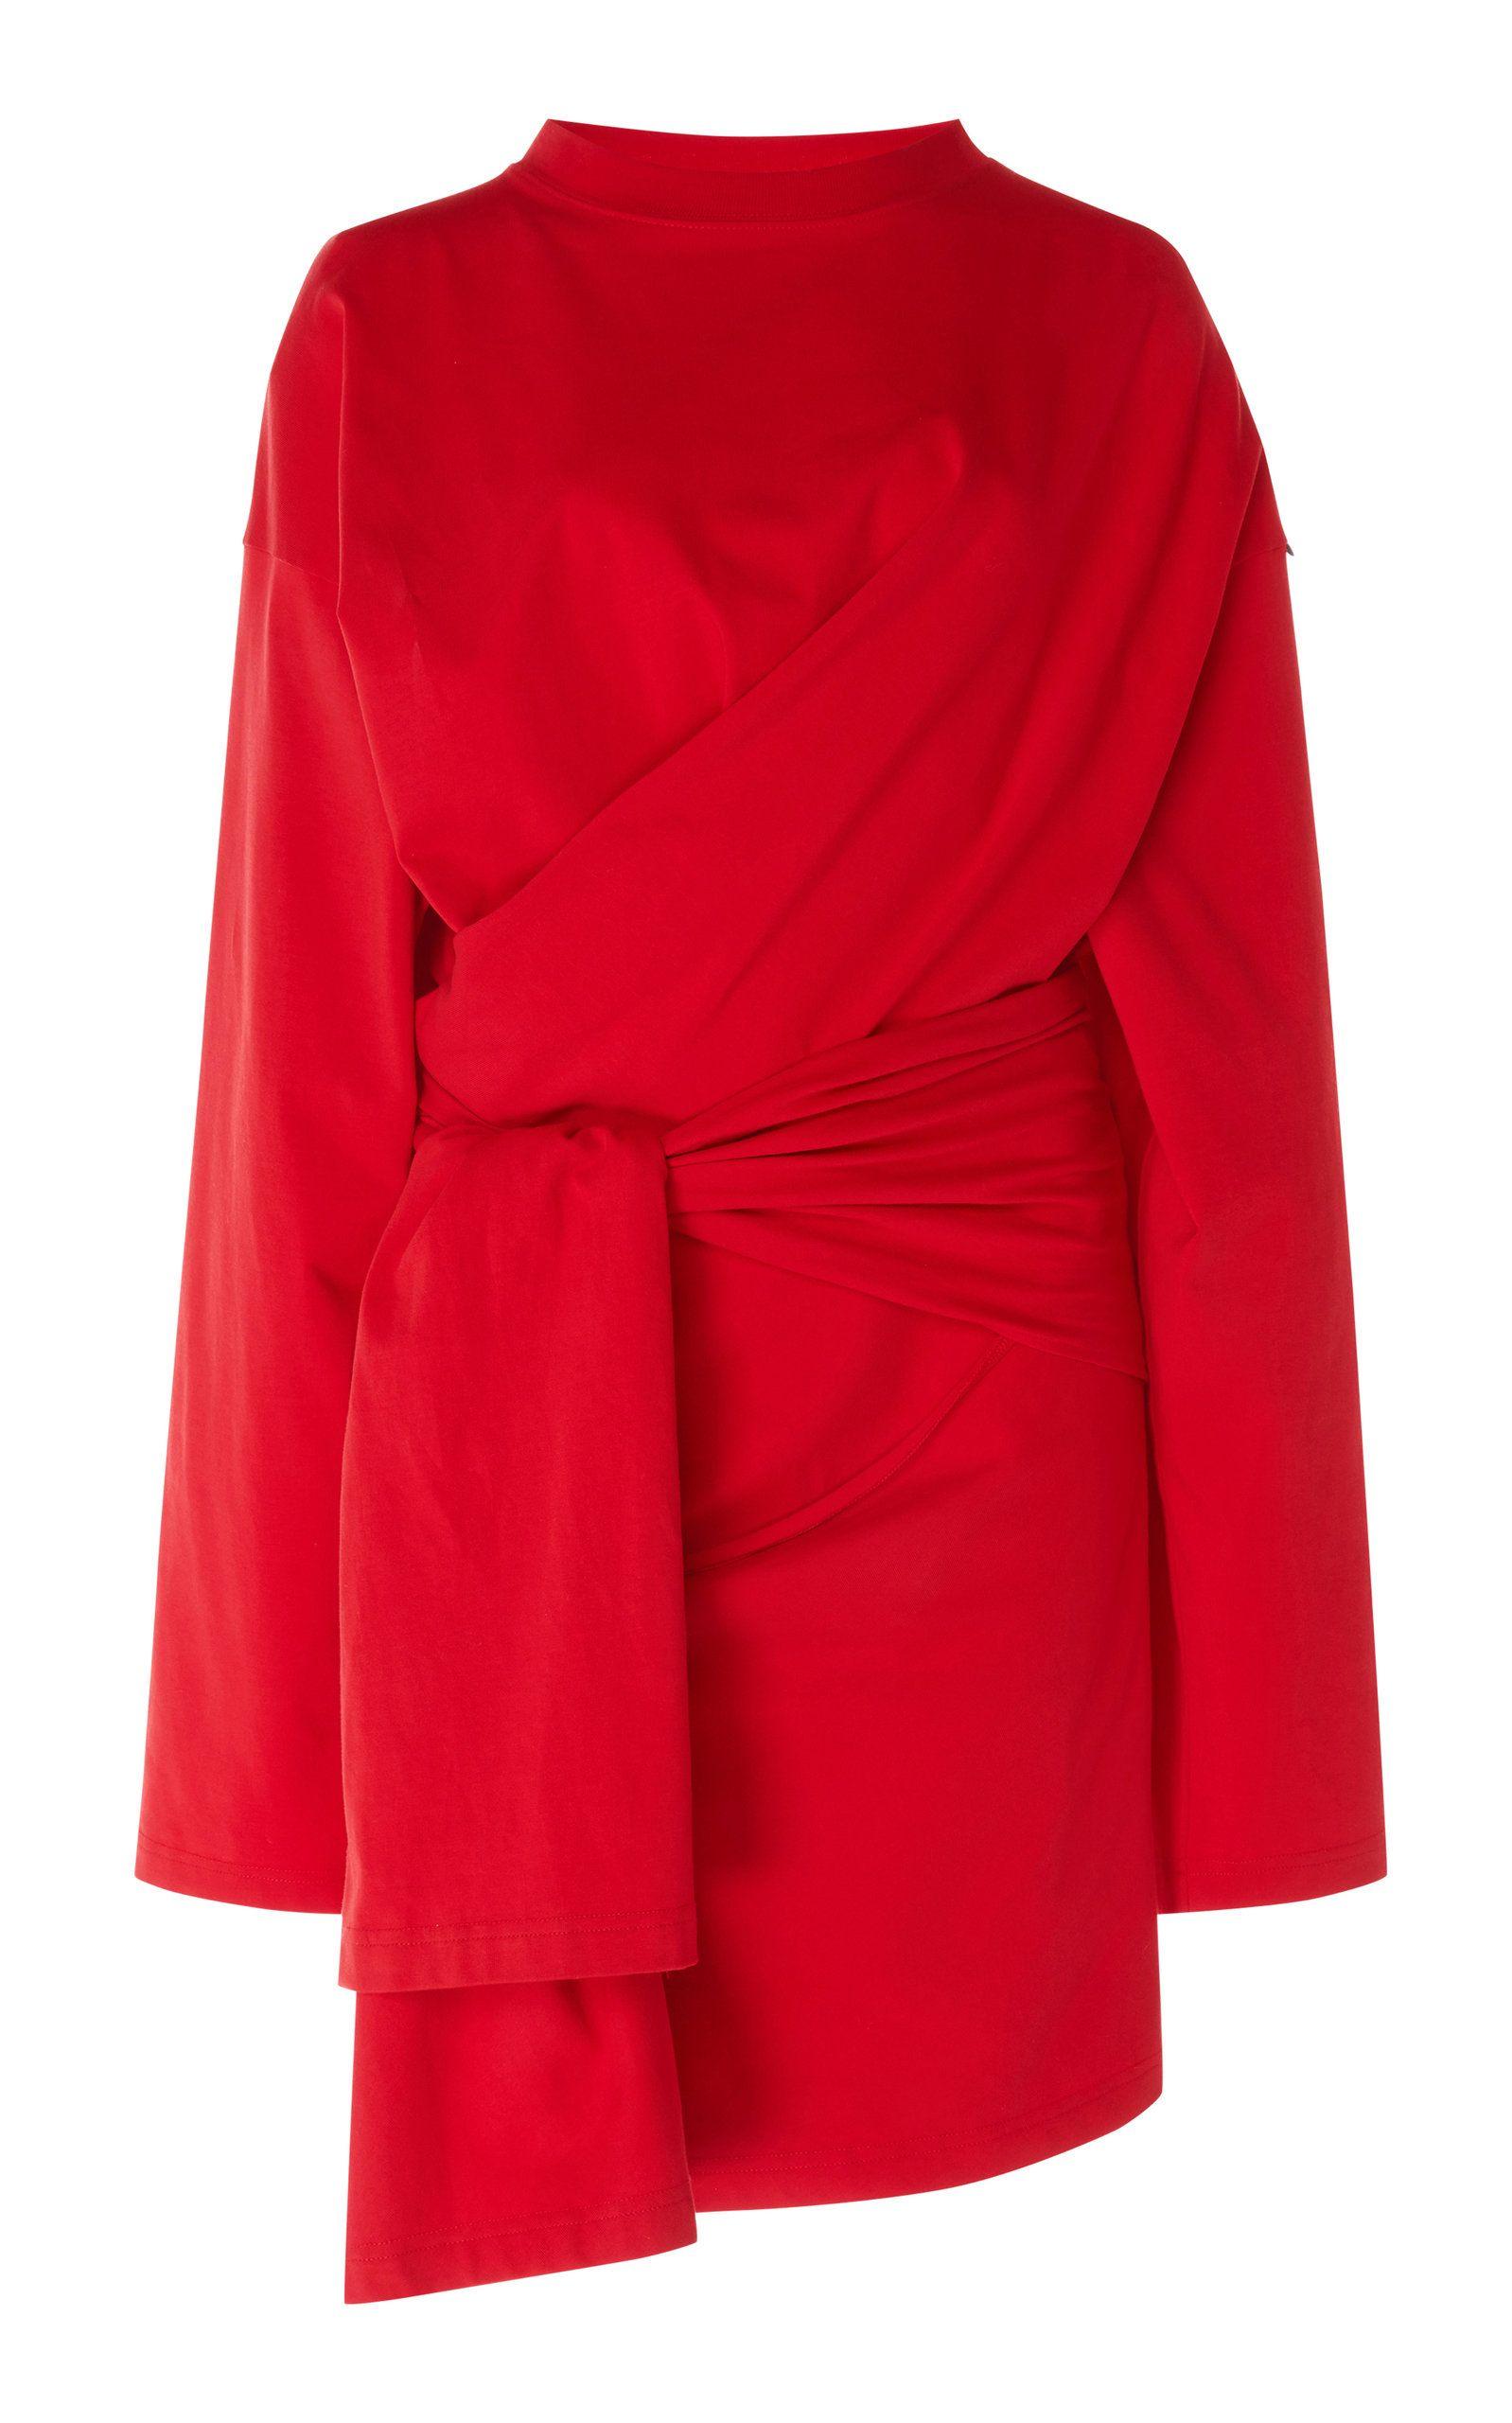 Balenciaga Dynasty Stretch Jersey Wrap Dress Jersey Wrap Dress Wrap Dress Fashion [ 2560 x 1598 Pixel ]